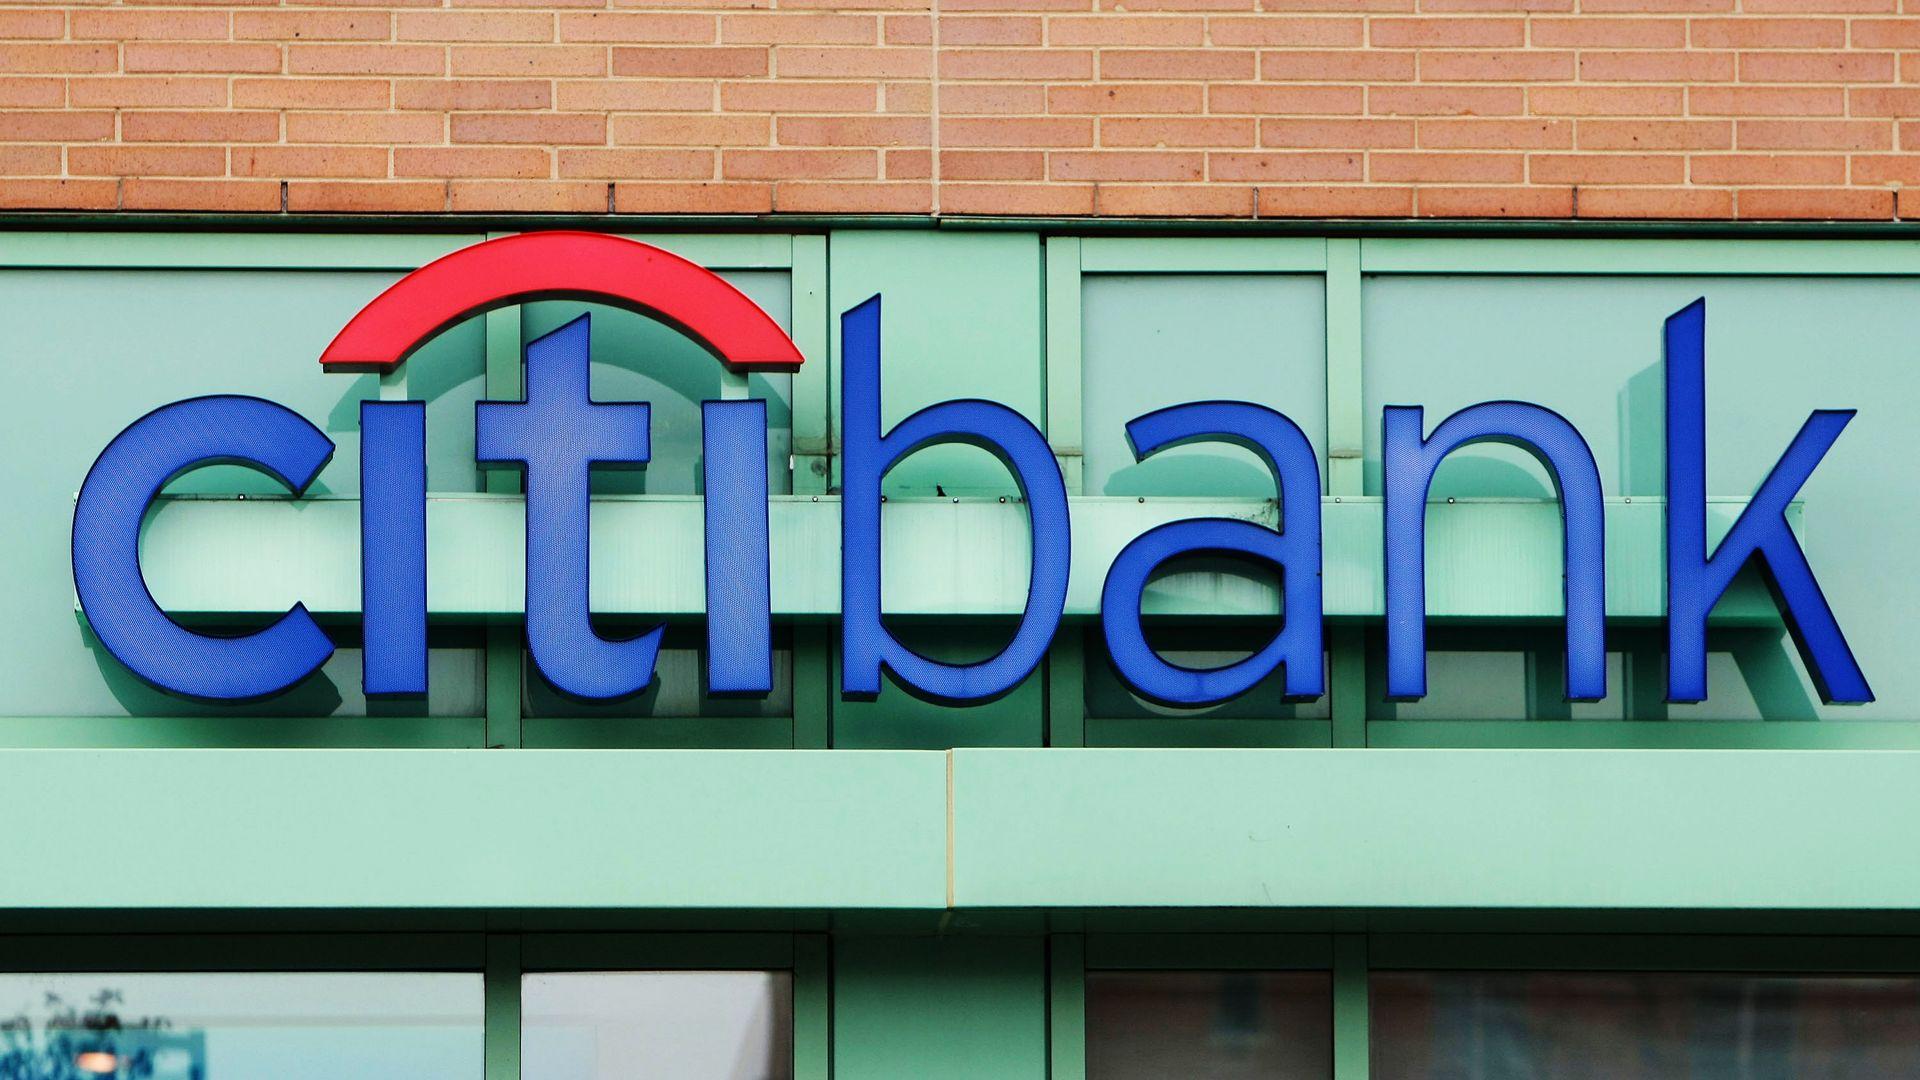 Citigroup announces gun sale restrictions for business